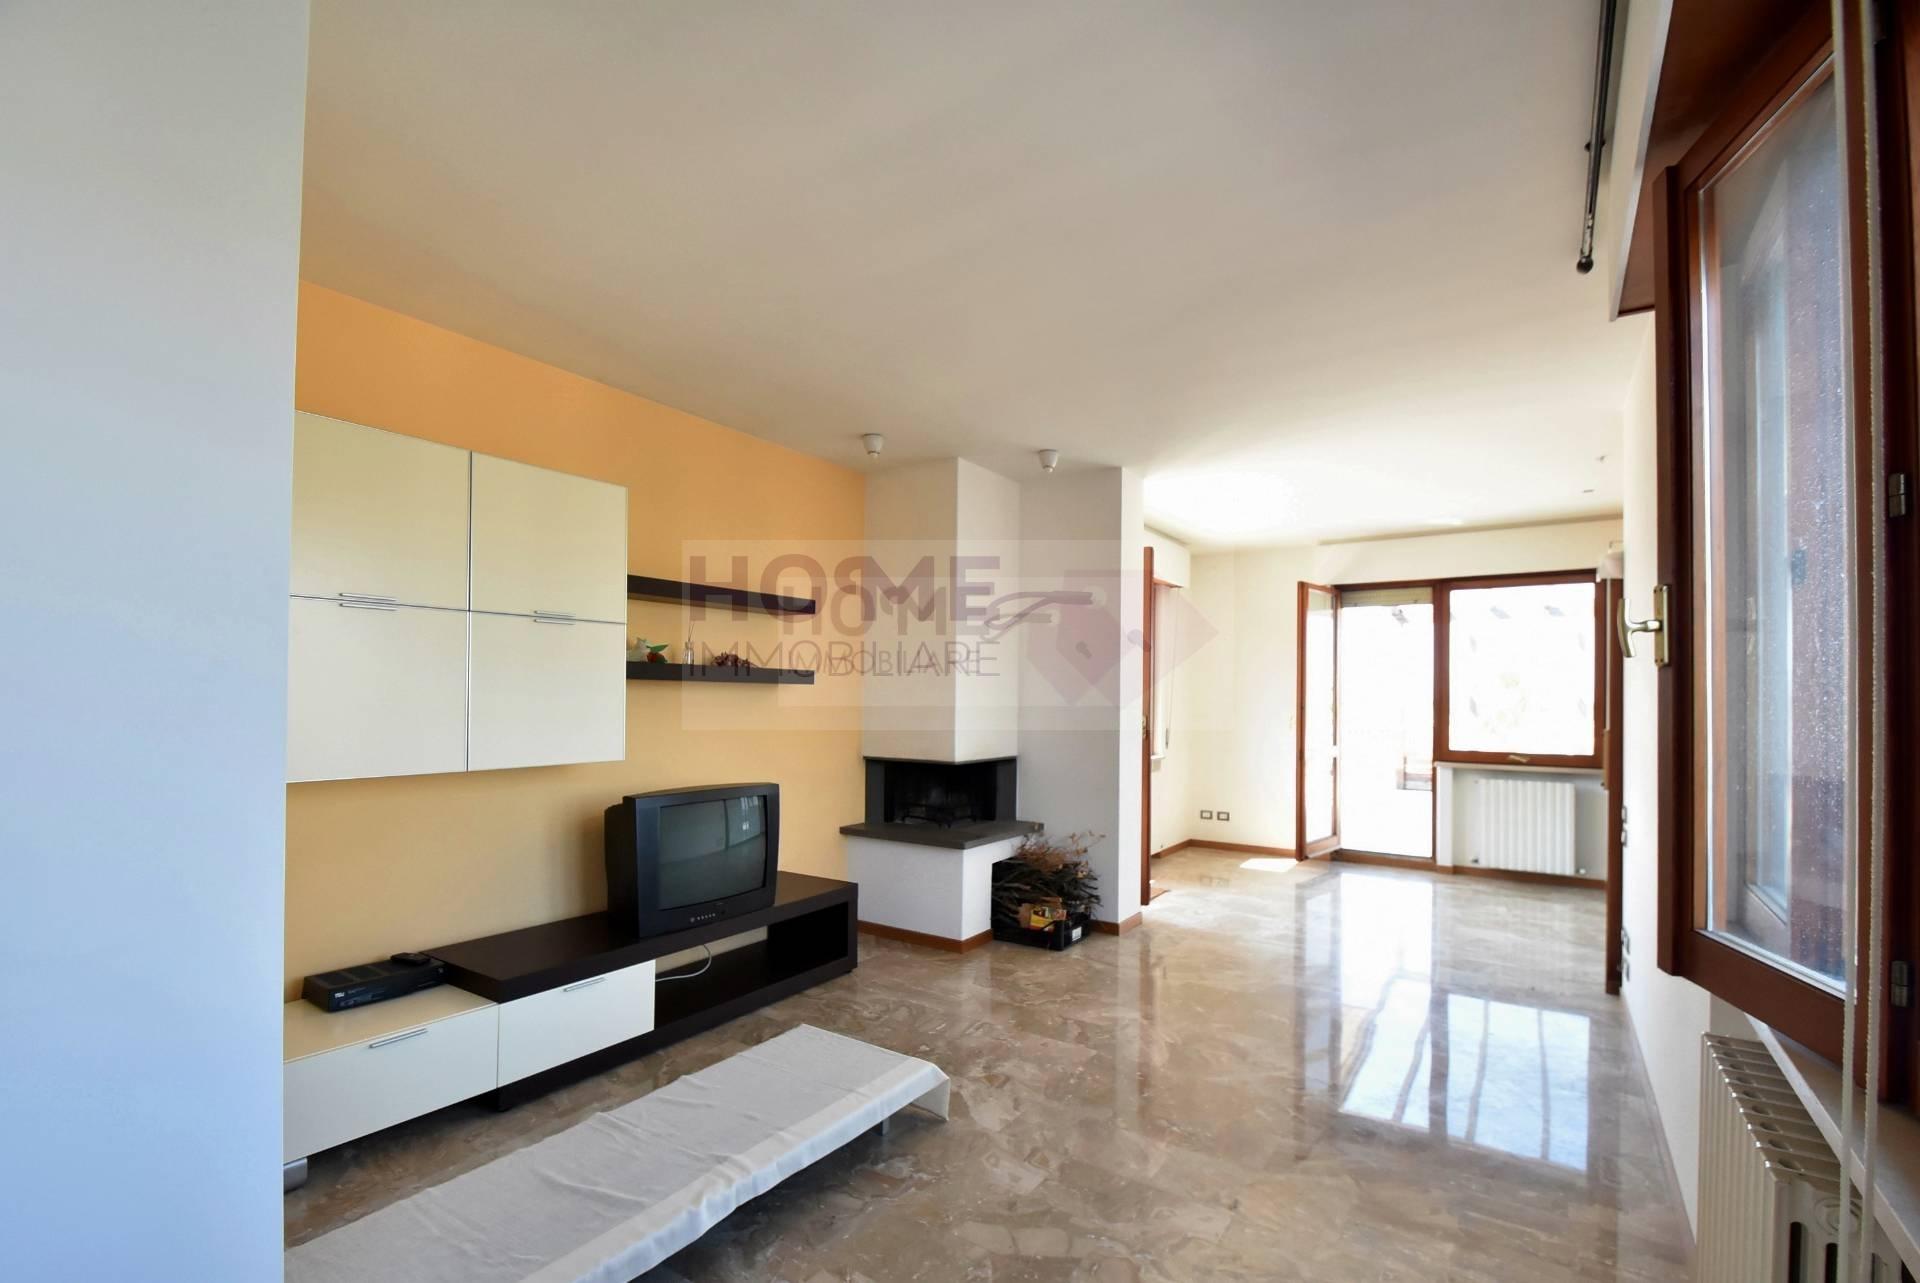 Attico MACERATA vendita  Zona Centrale  Home Immobiliare Srl